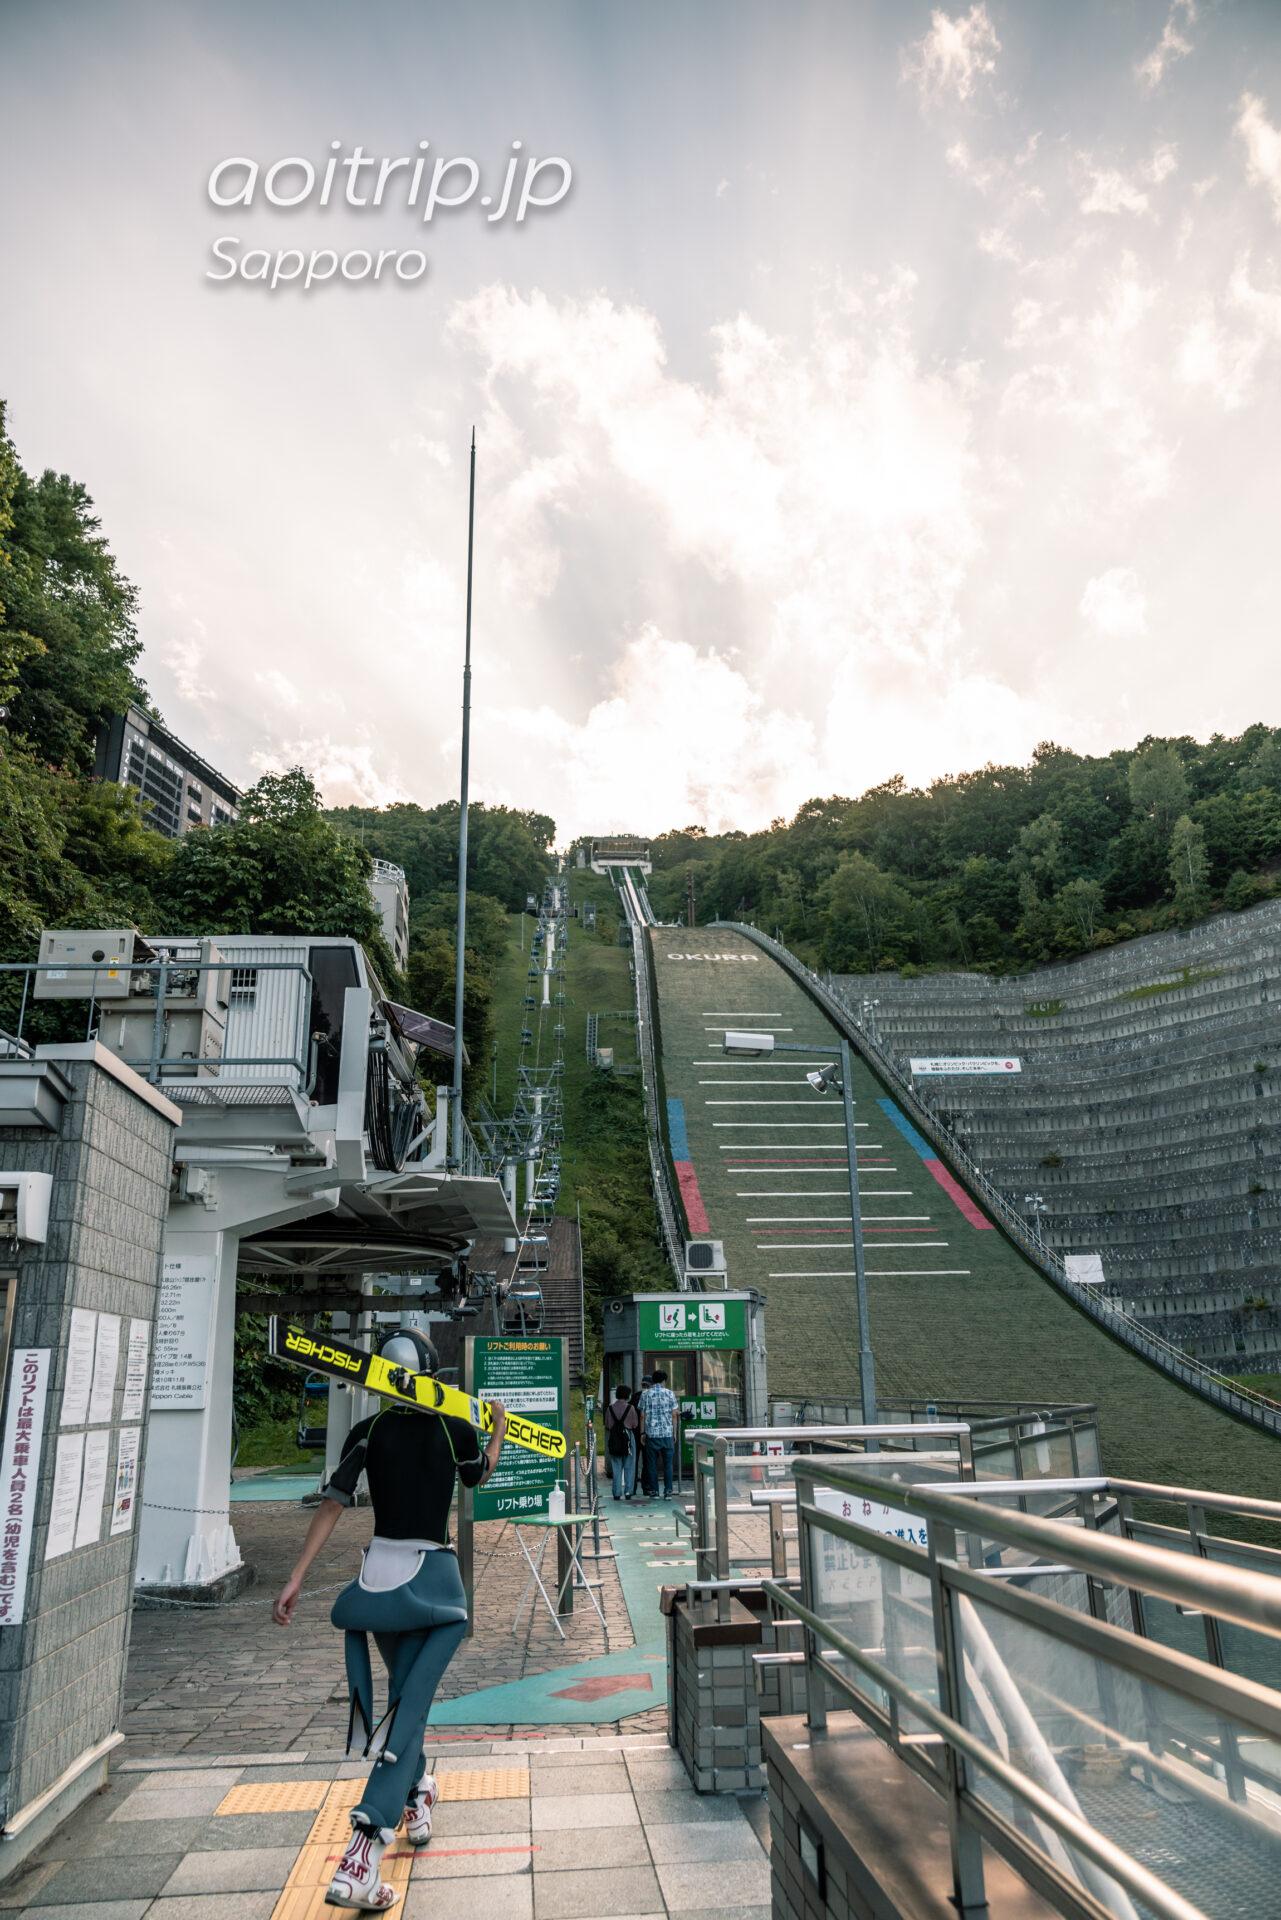 札幌 大倉山ジャンプ競技場 Okurayama Jump Stadium, Sapporo